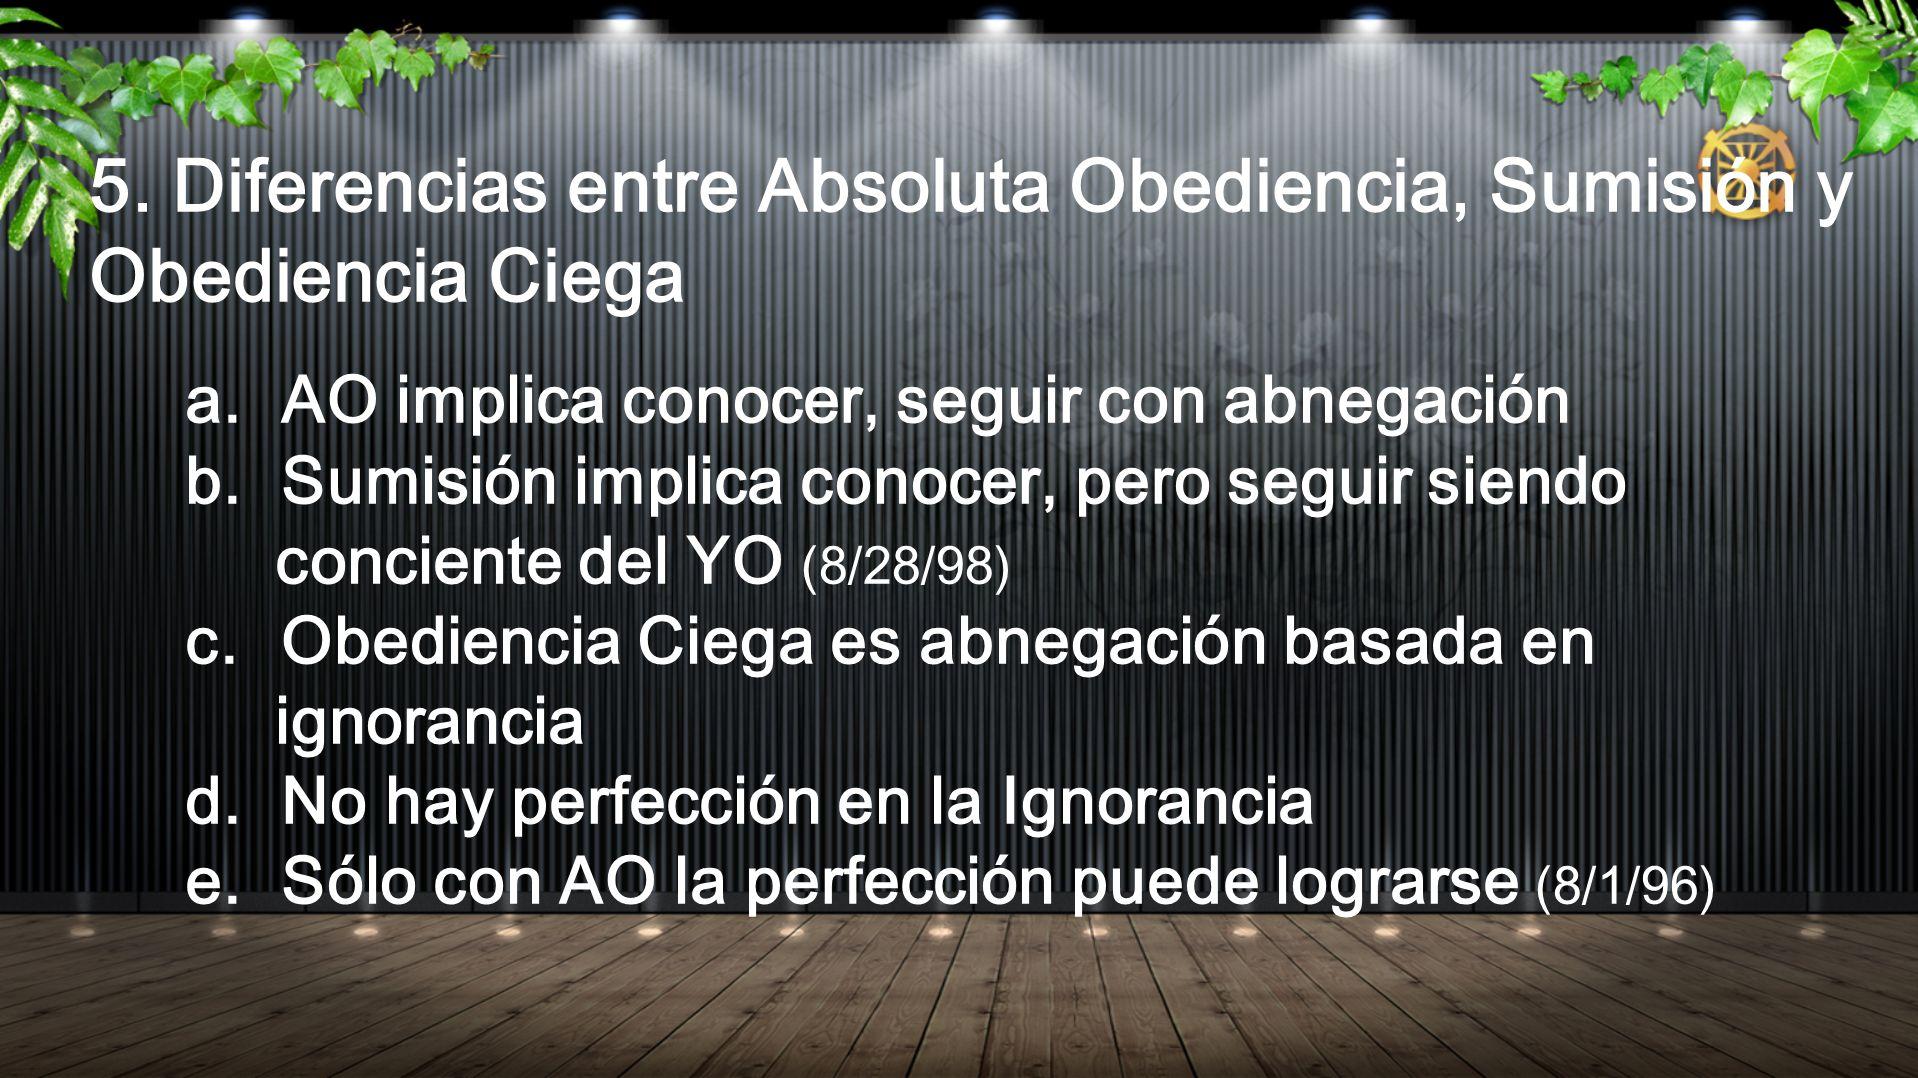 5. Diferencias entre Absoluta Obediencia, Sumisión y Obediencia Ciega a.AO implica conocer, seguir con abnegación b.Sumisión implica conocer, pero seg